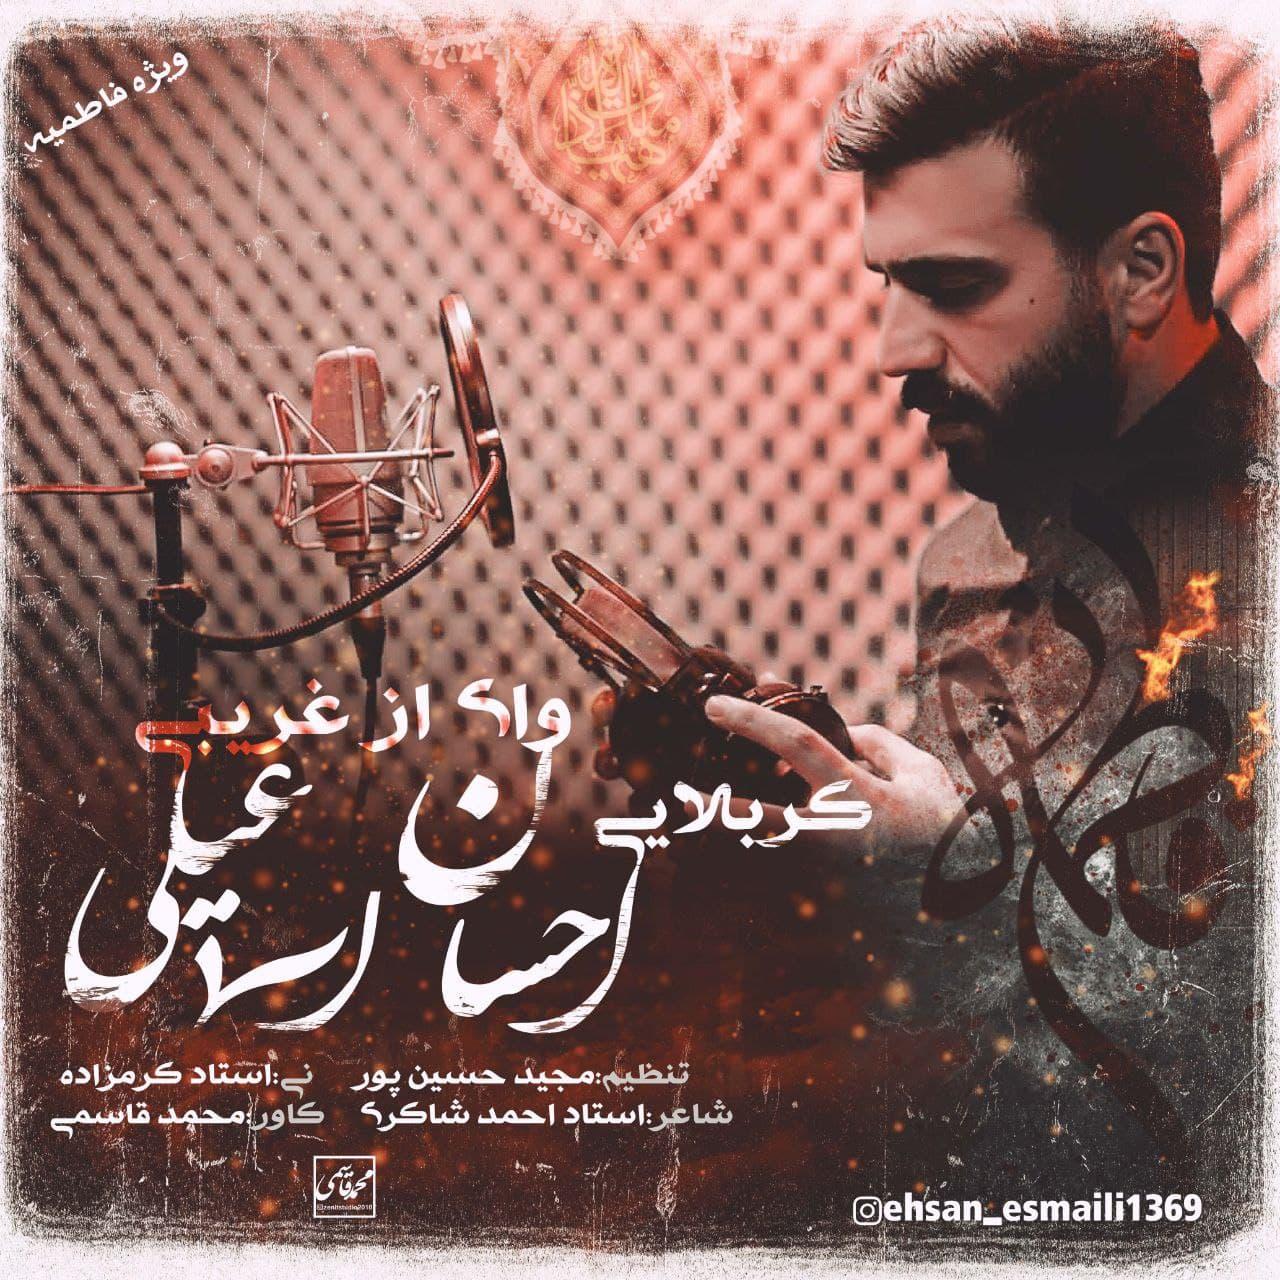 Ehsan Esmaeili – Vay Az Gharibi